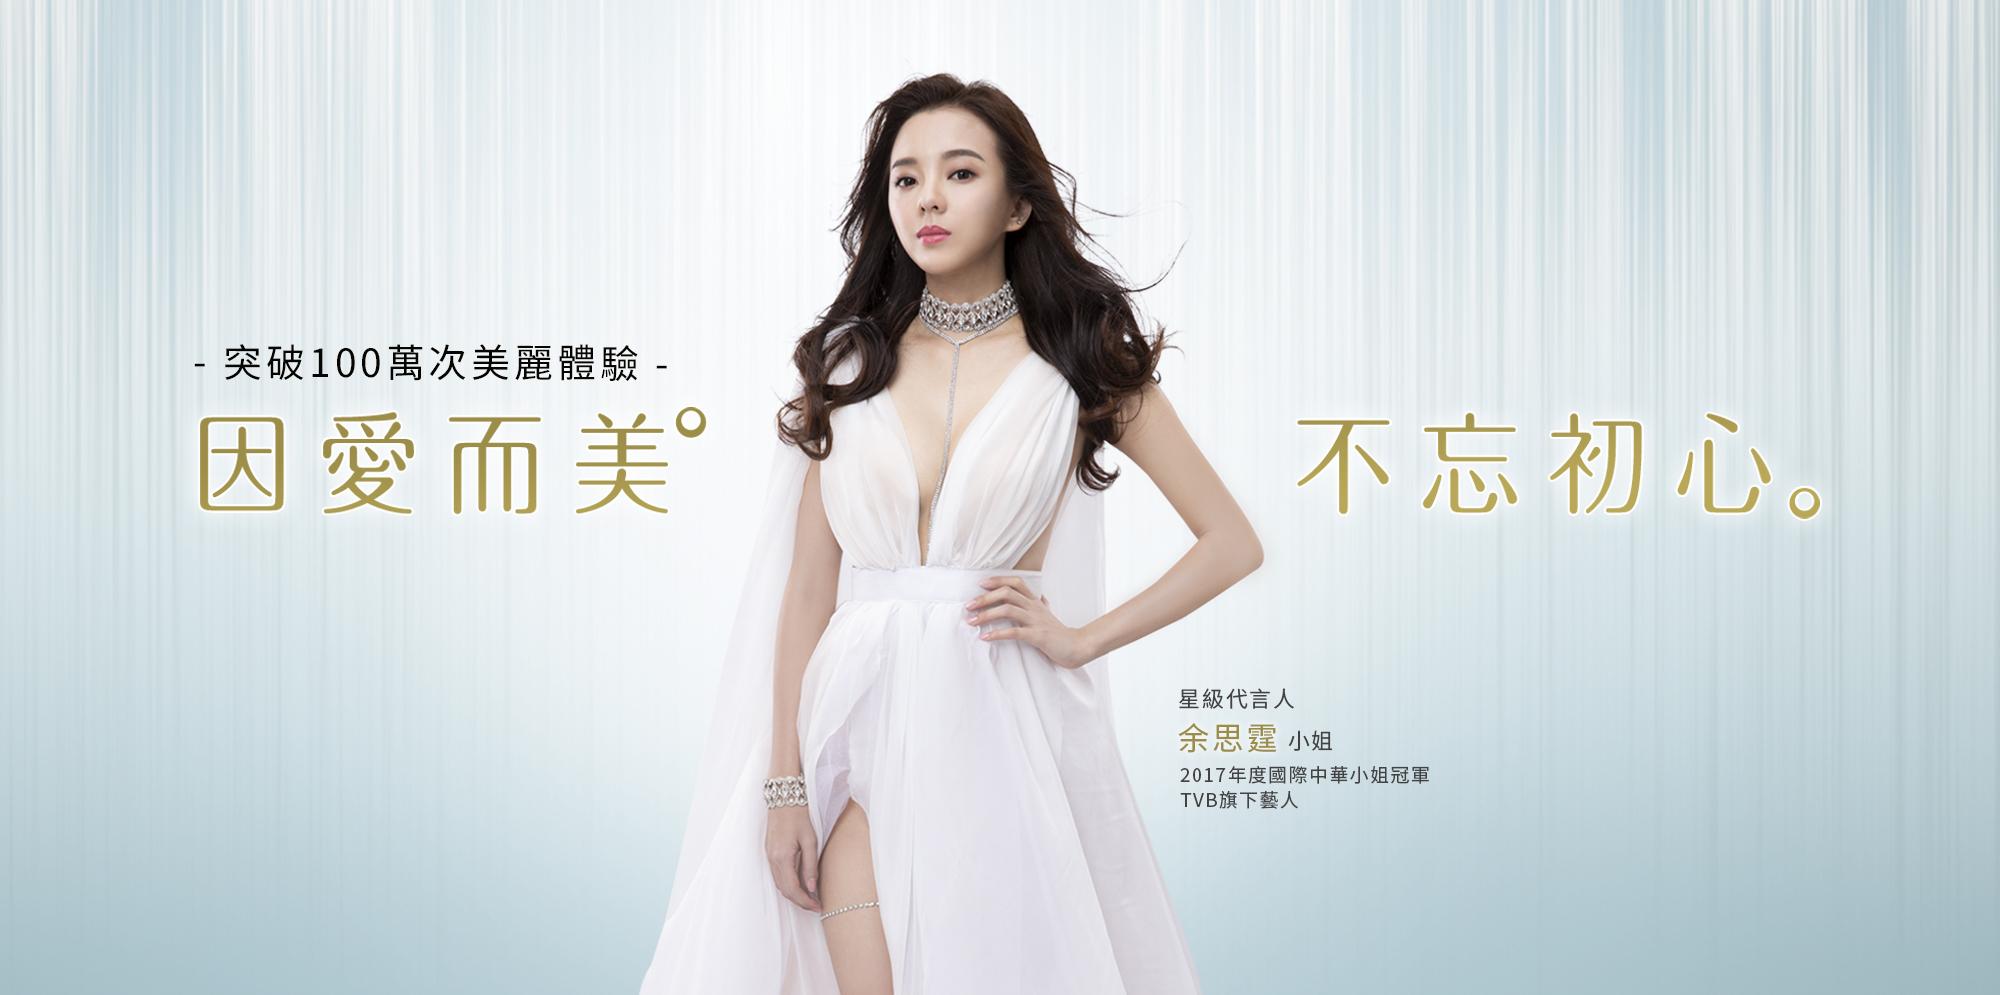 全新代言人 余思霆  2017年度国际中华小姐冠军